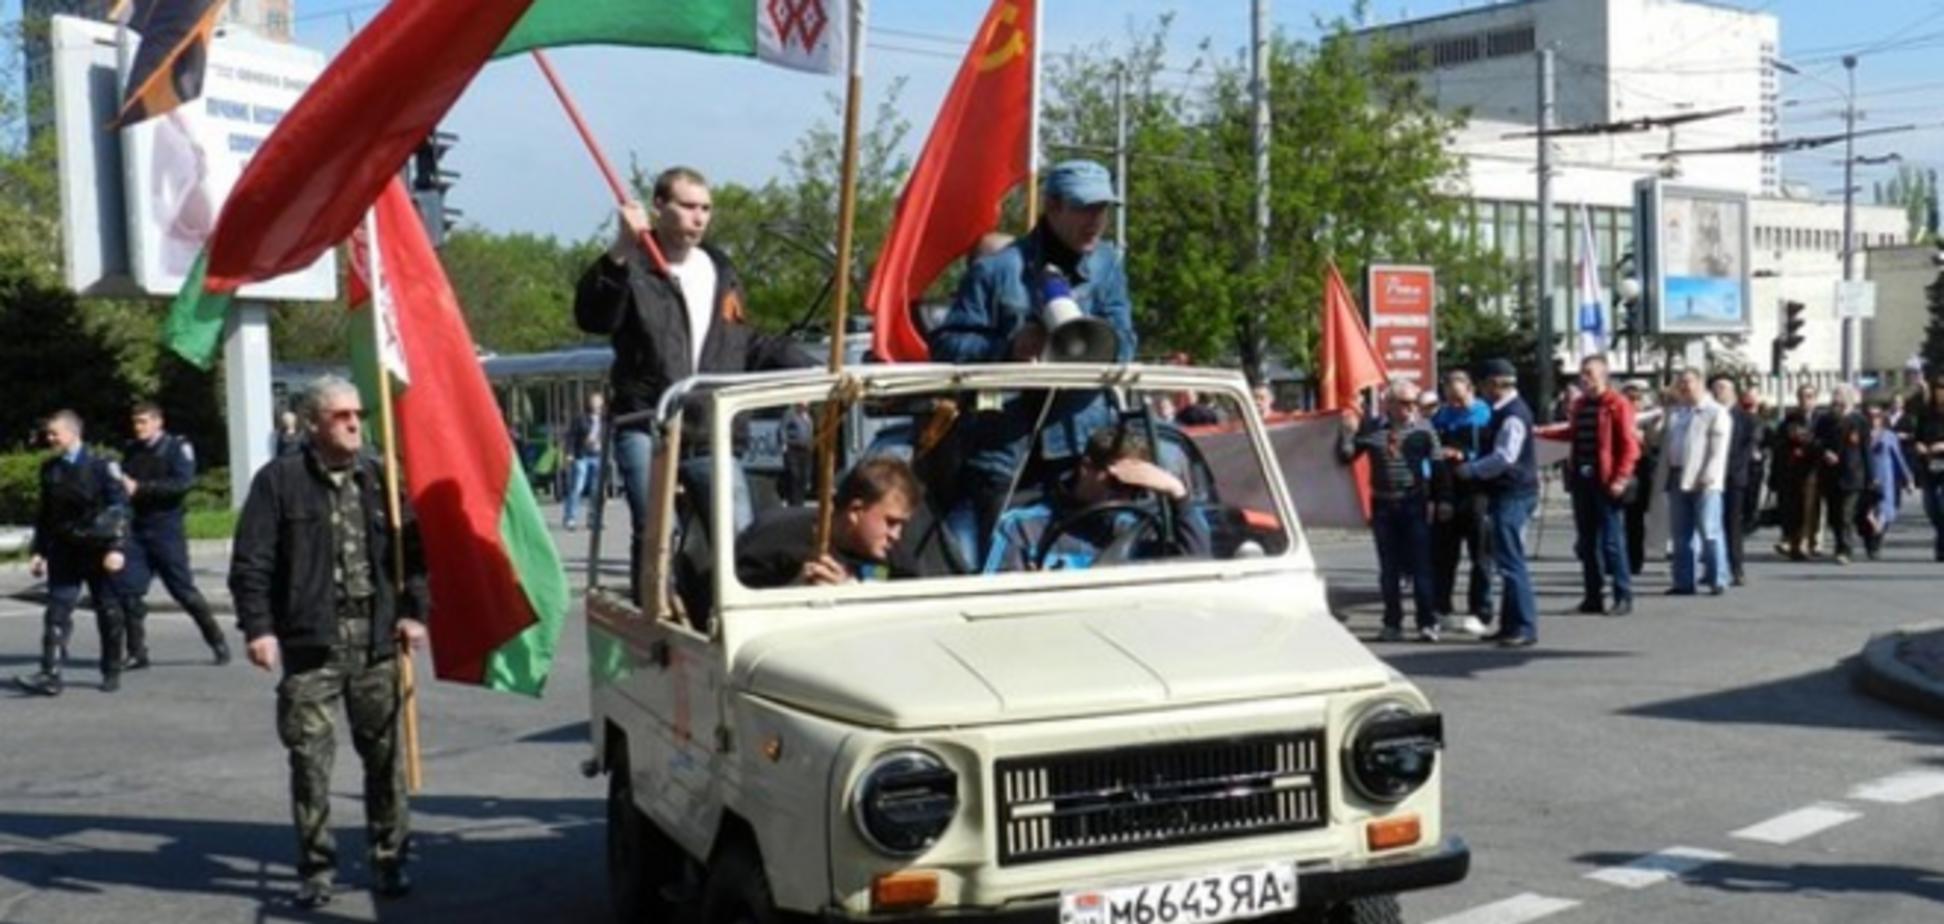 У Дніпропетровську комуністи мітингували з портретами Сталіна, а патріоти малювали крейдою